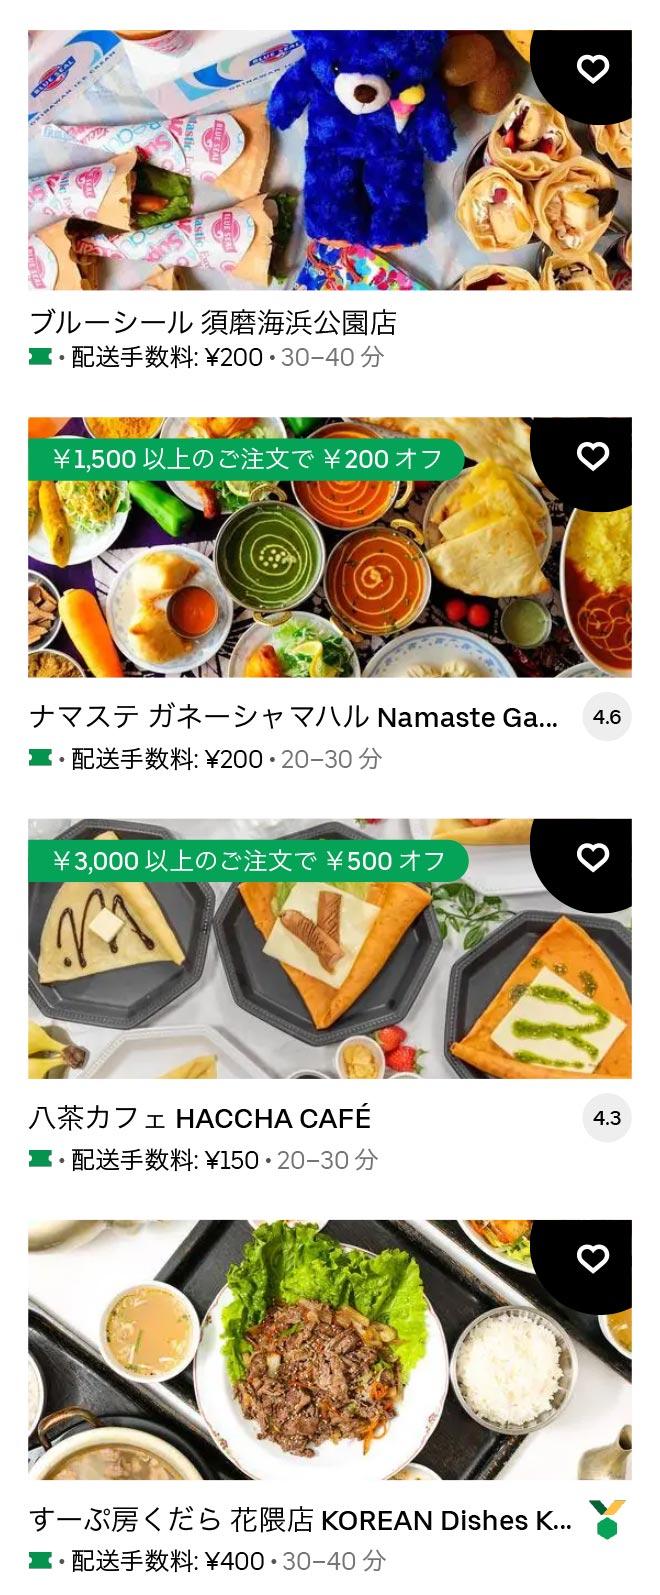 U shin nagata 2105 12